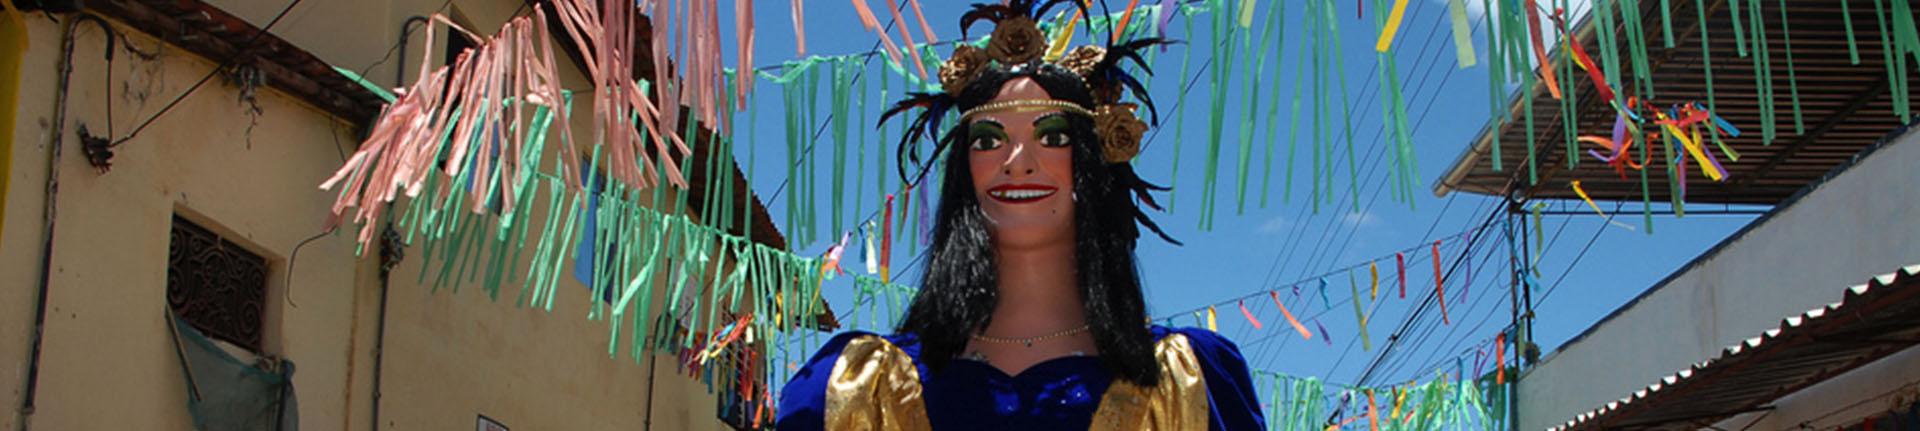 Carnaval em Olinda e o respeito à mulher: não é não!